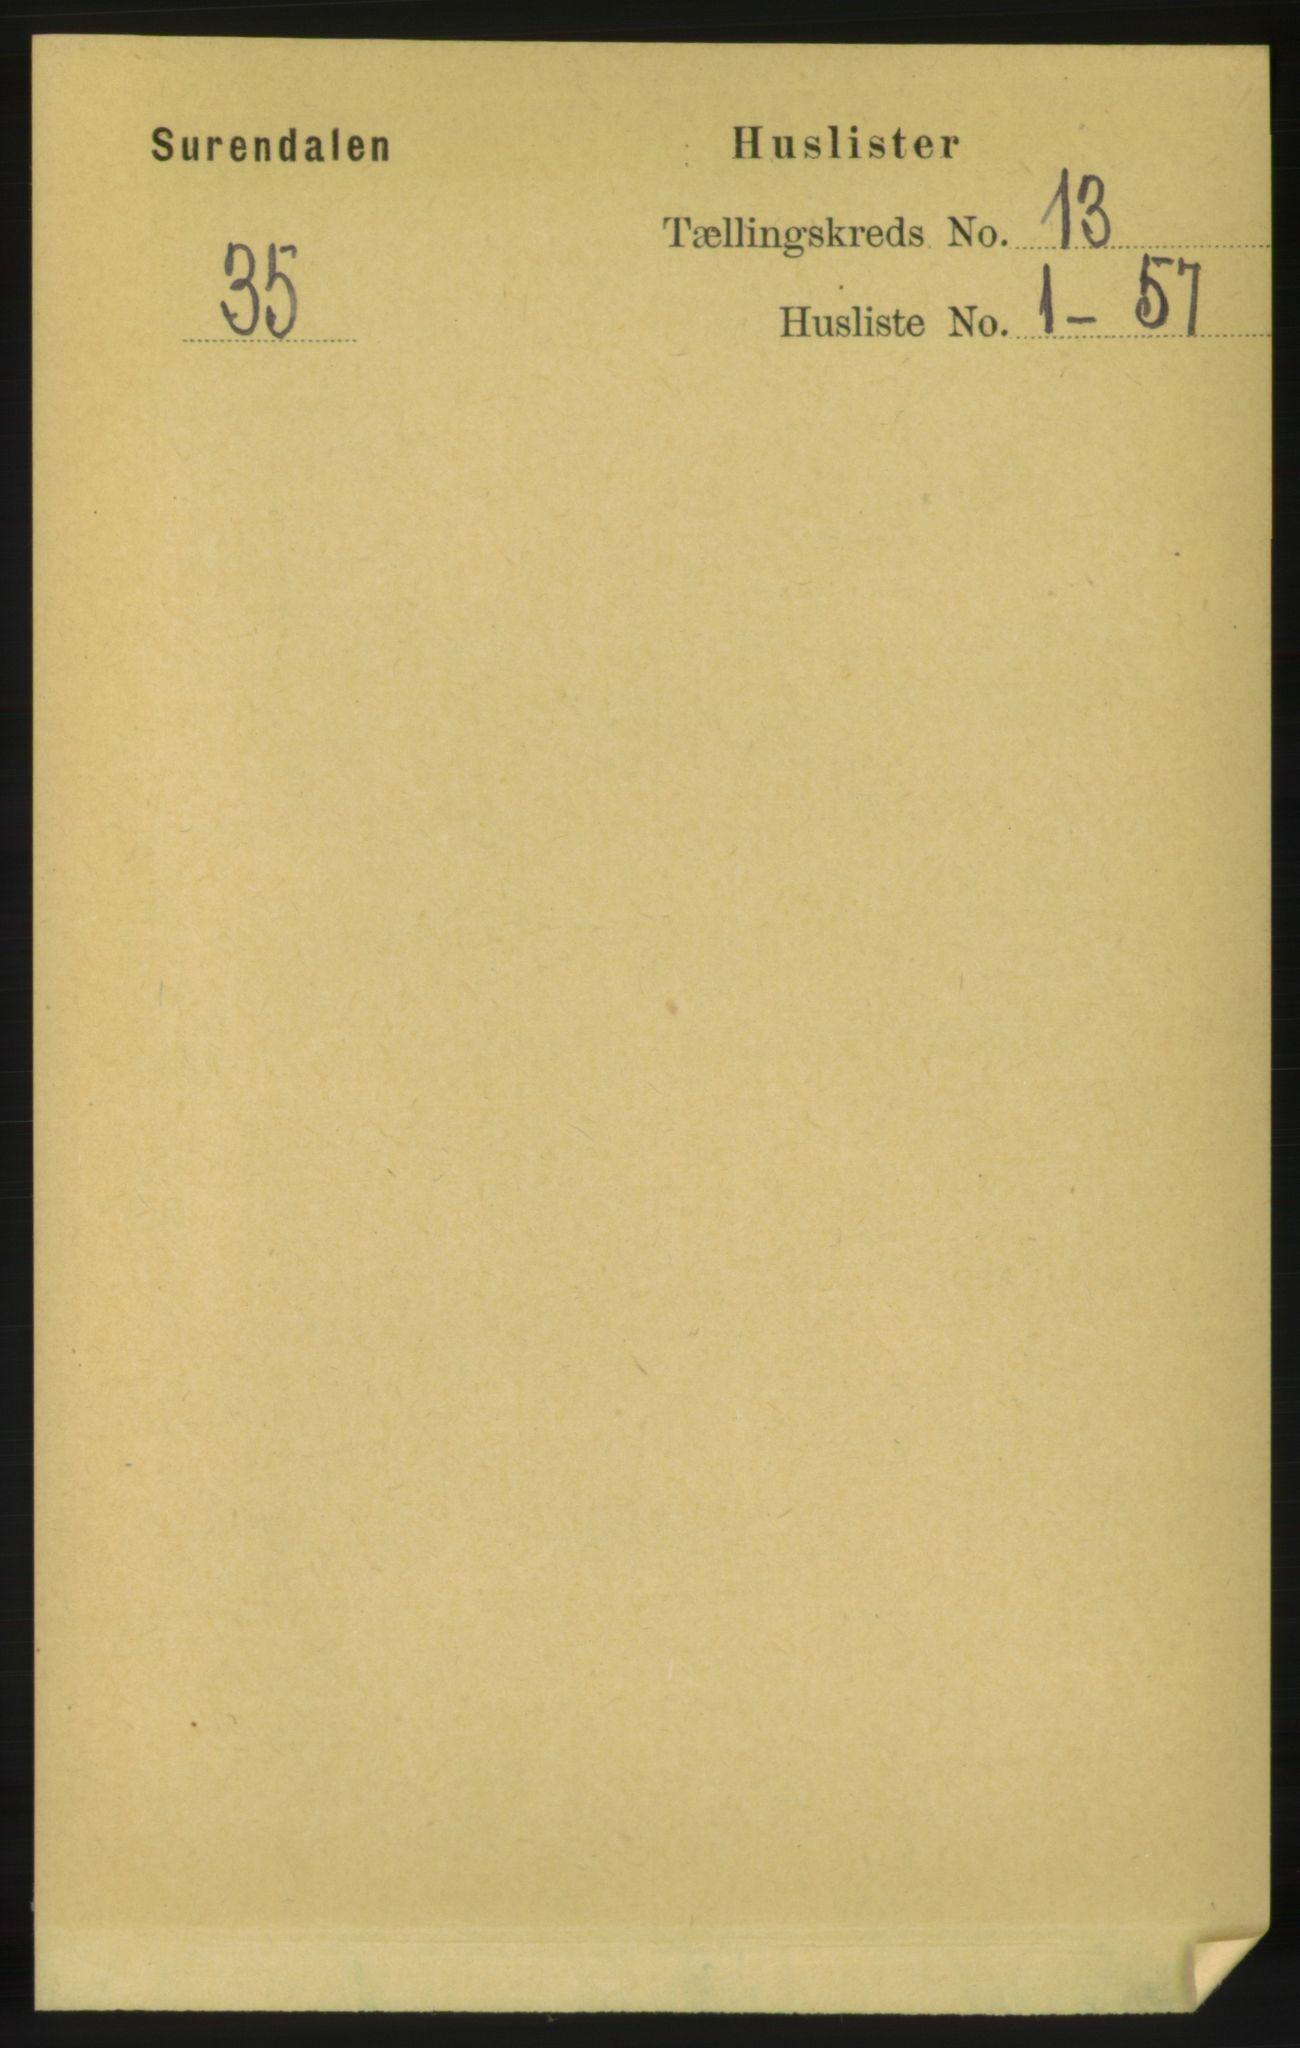 RA, Folketelling 1891 for 1566 Surnadal herred, 1891, s. 3107